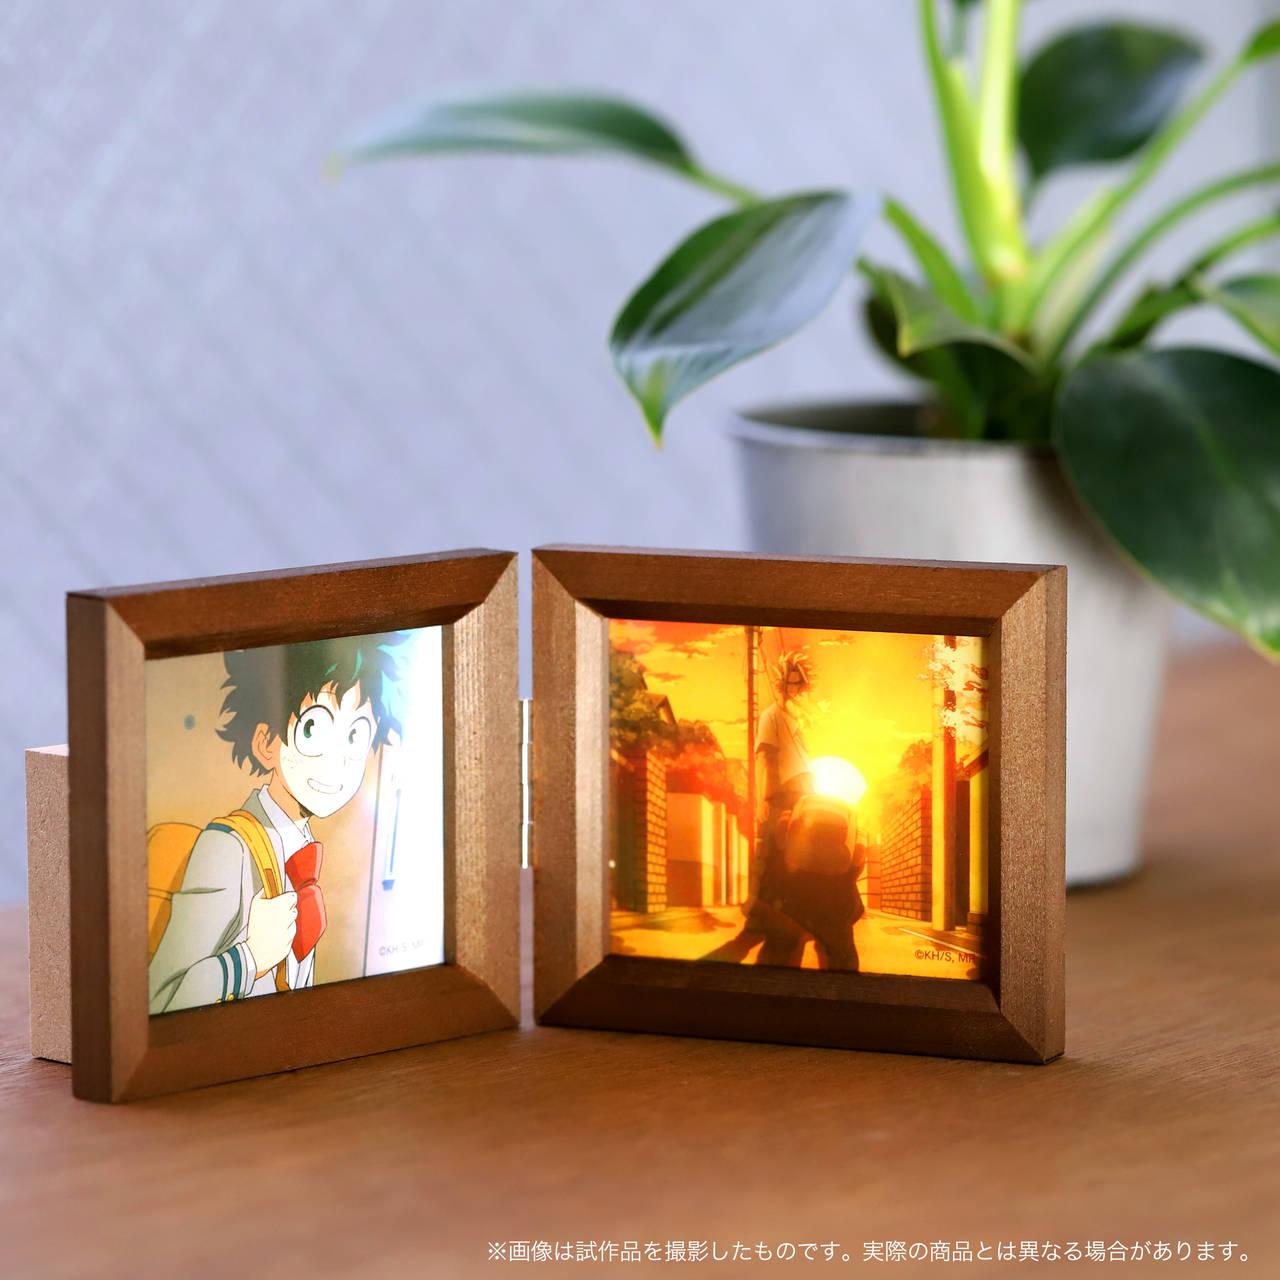 『僕のヒーローアカデミア』アニメBGMがオルゴールに! 木製フォトフレームタイプで飾りやすい♪